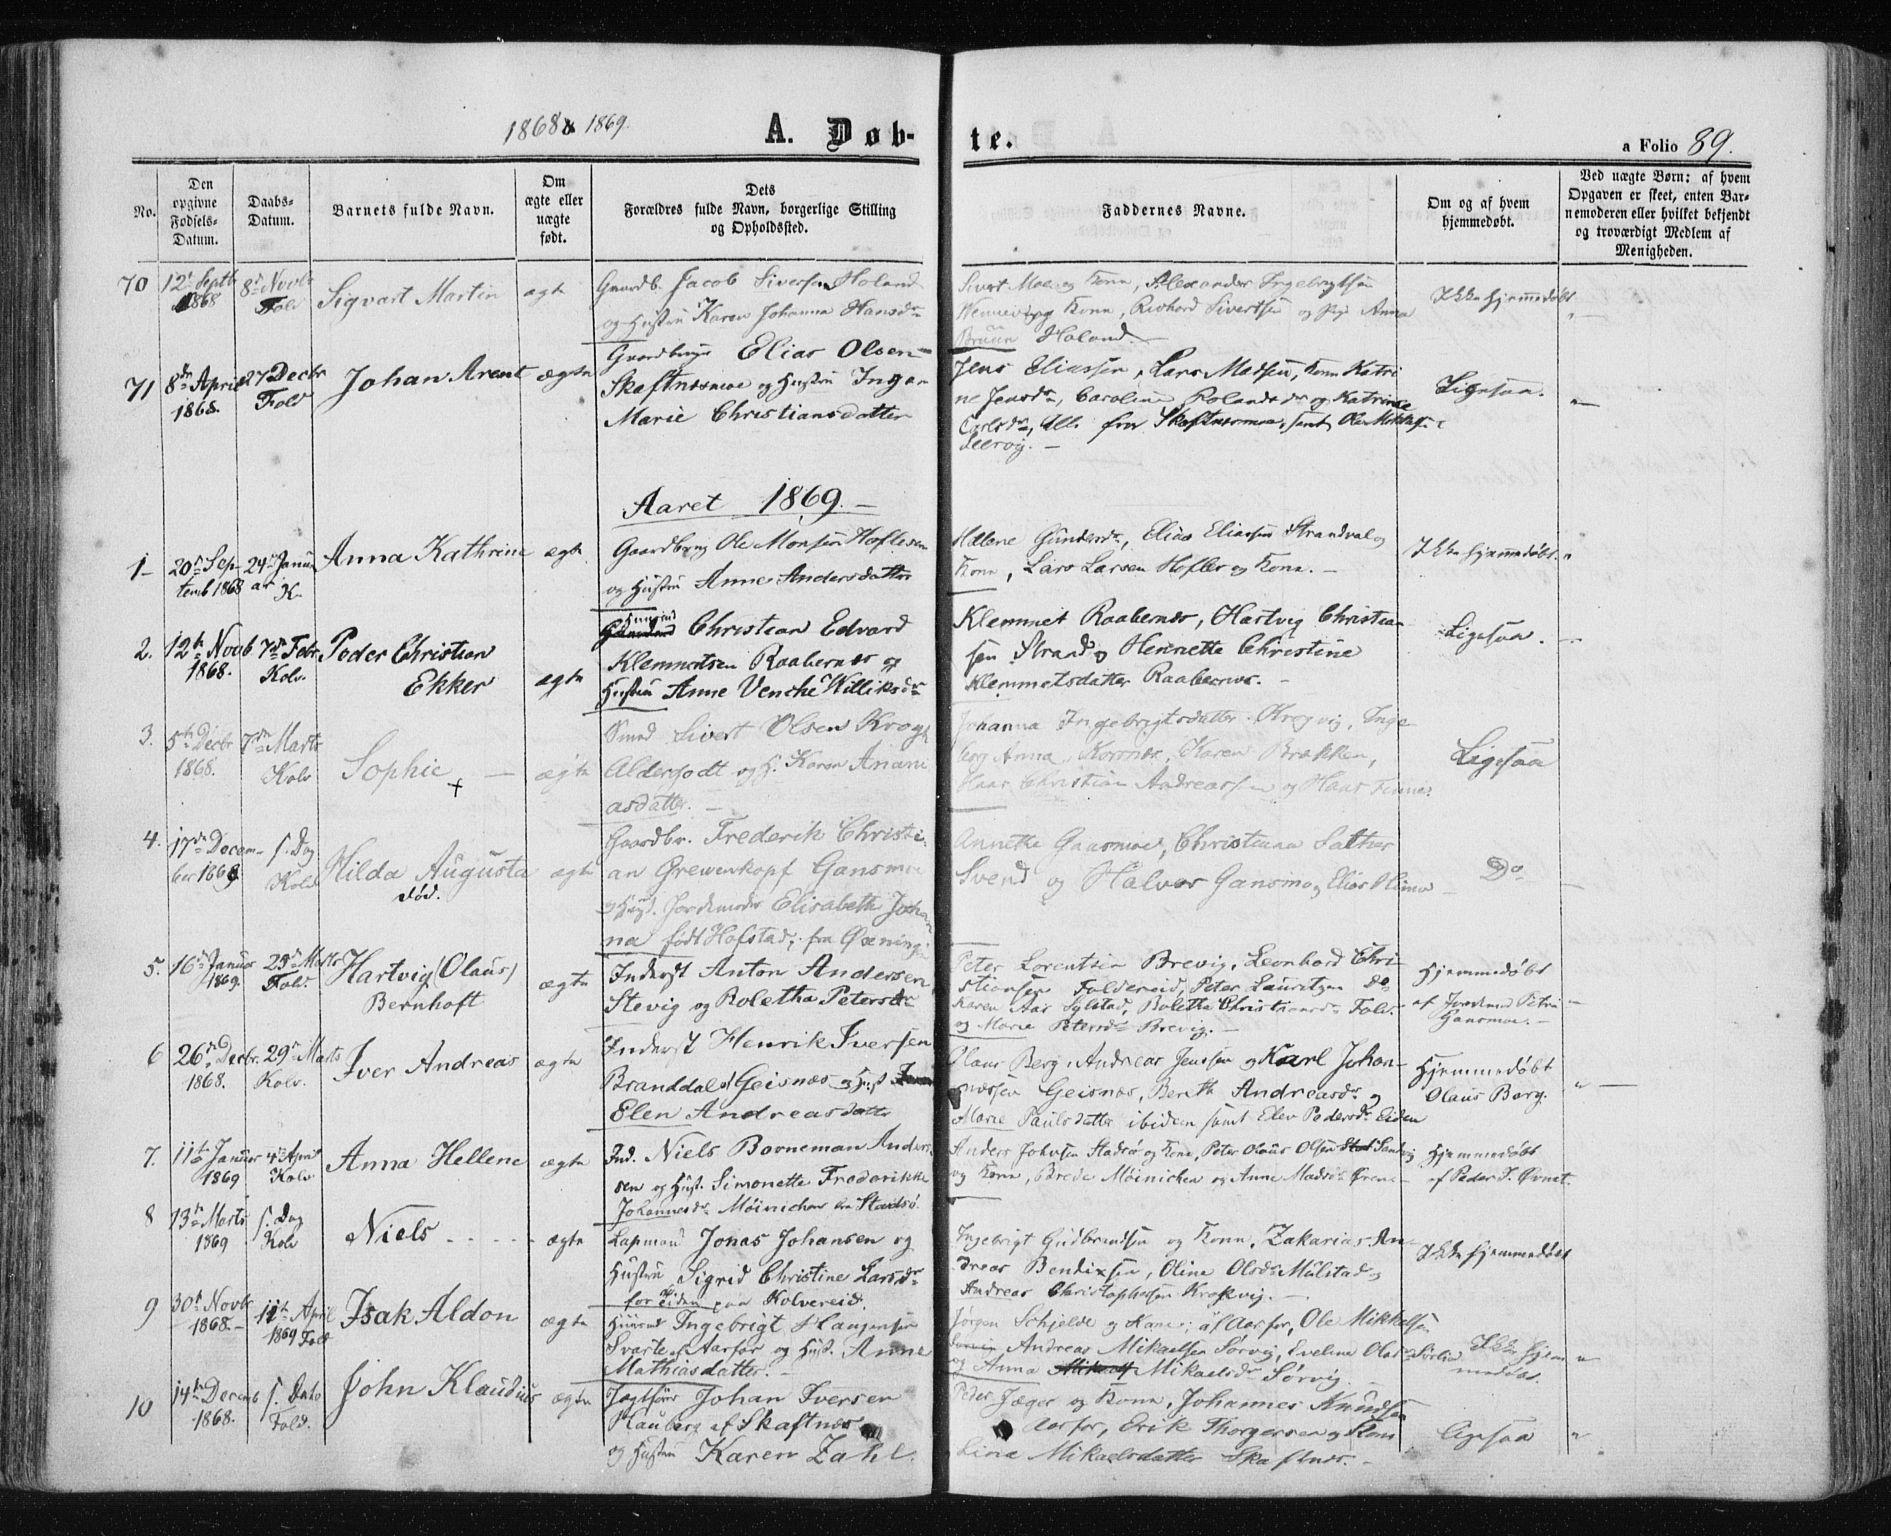 SAT, Ministerialprotokoller, klokkerbøker og fødselsregistre - Nord-Trøndelag, 780/L0641: Ministerialbok nr. 780A06, 1857-1874, s. 89